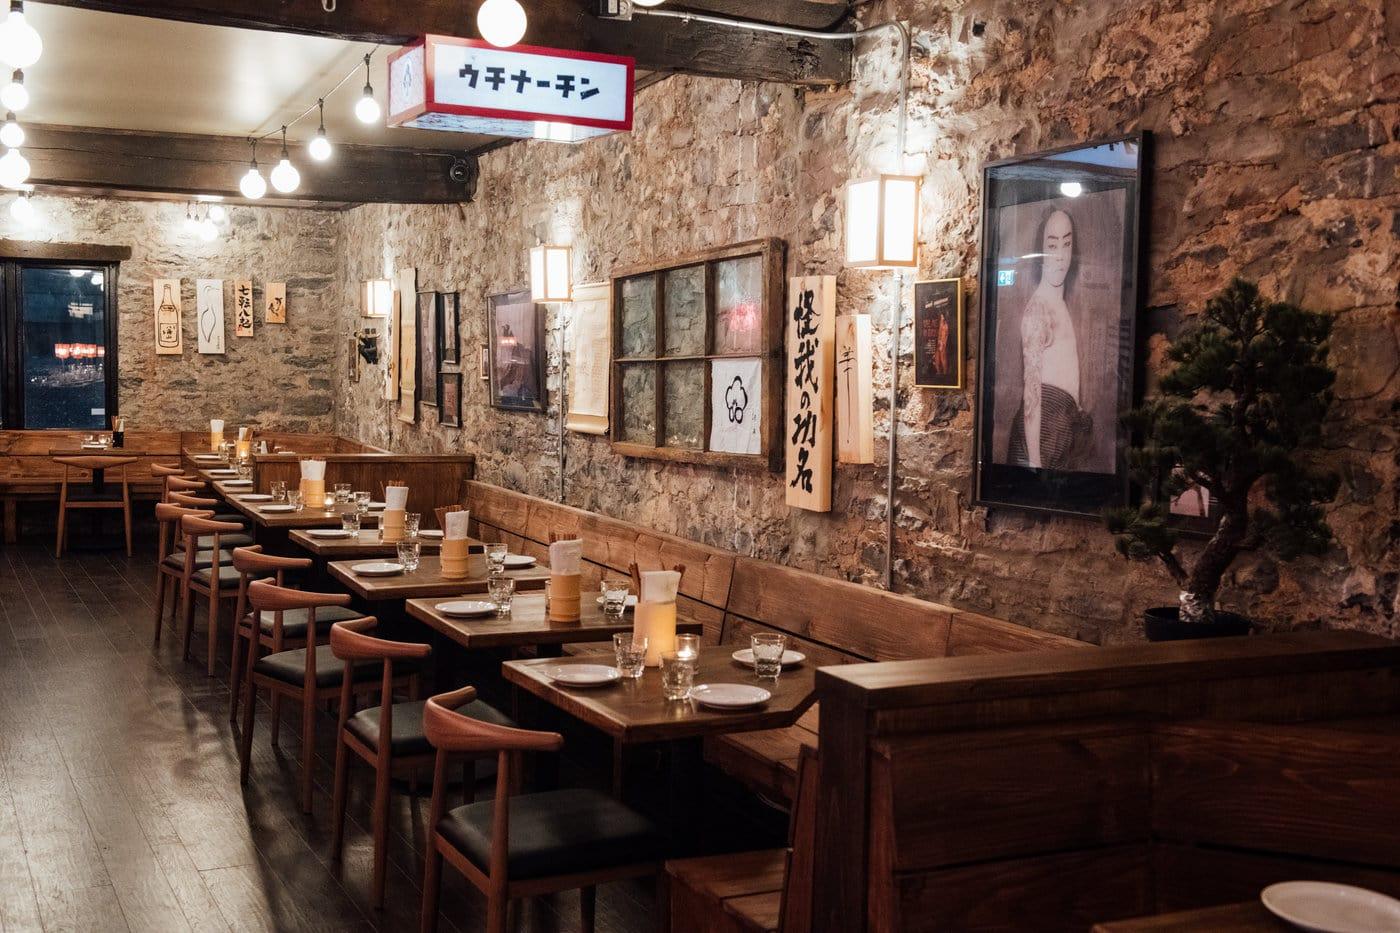 Dining room at Hanzō